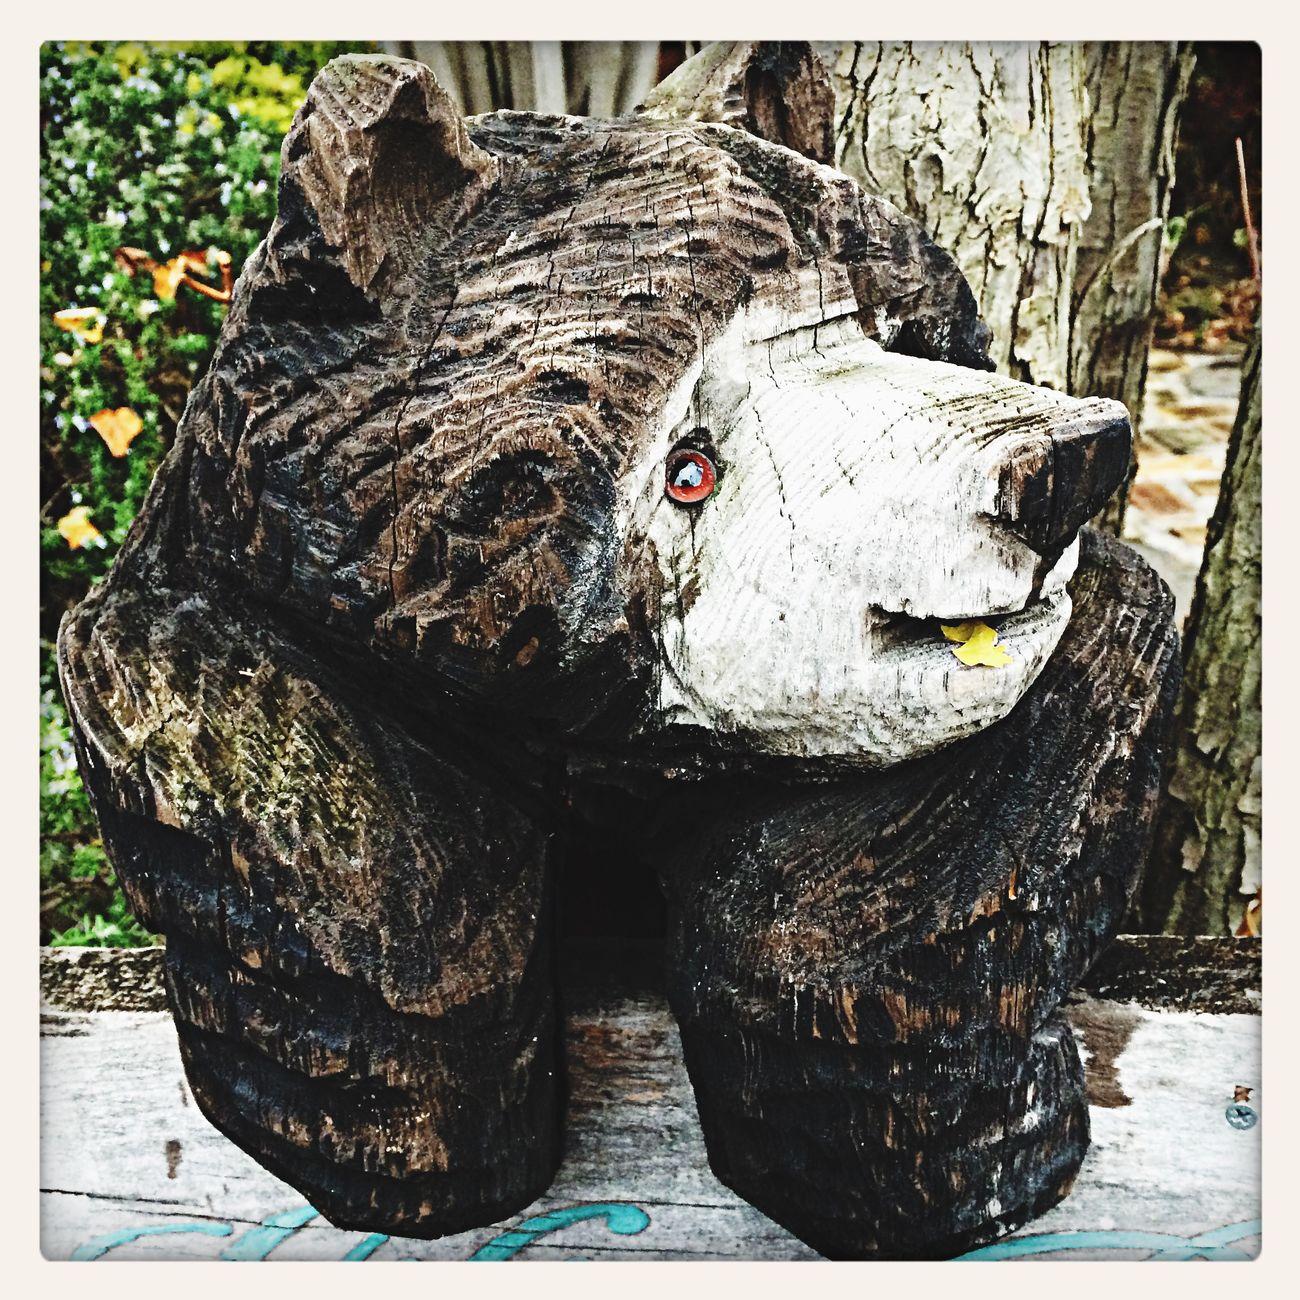 新百合ケ丘リリエンベルグのクマさん。